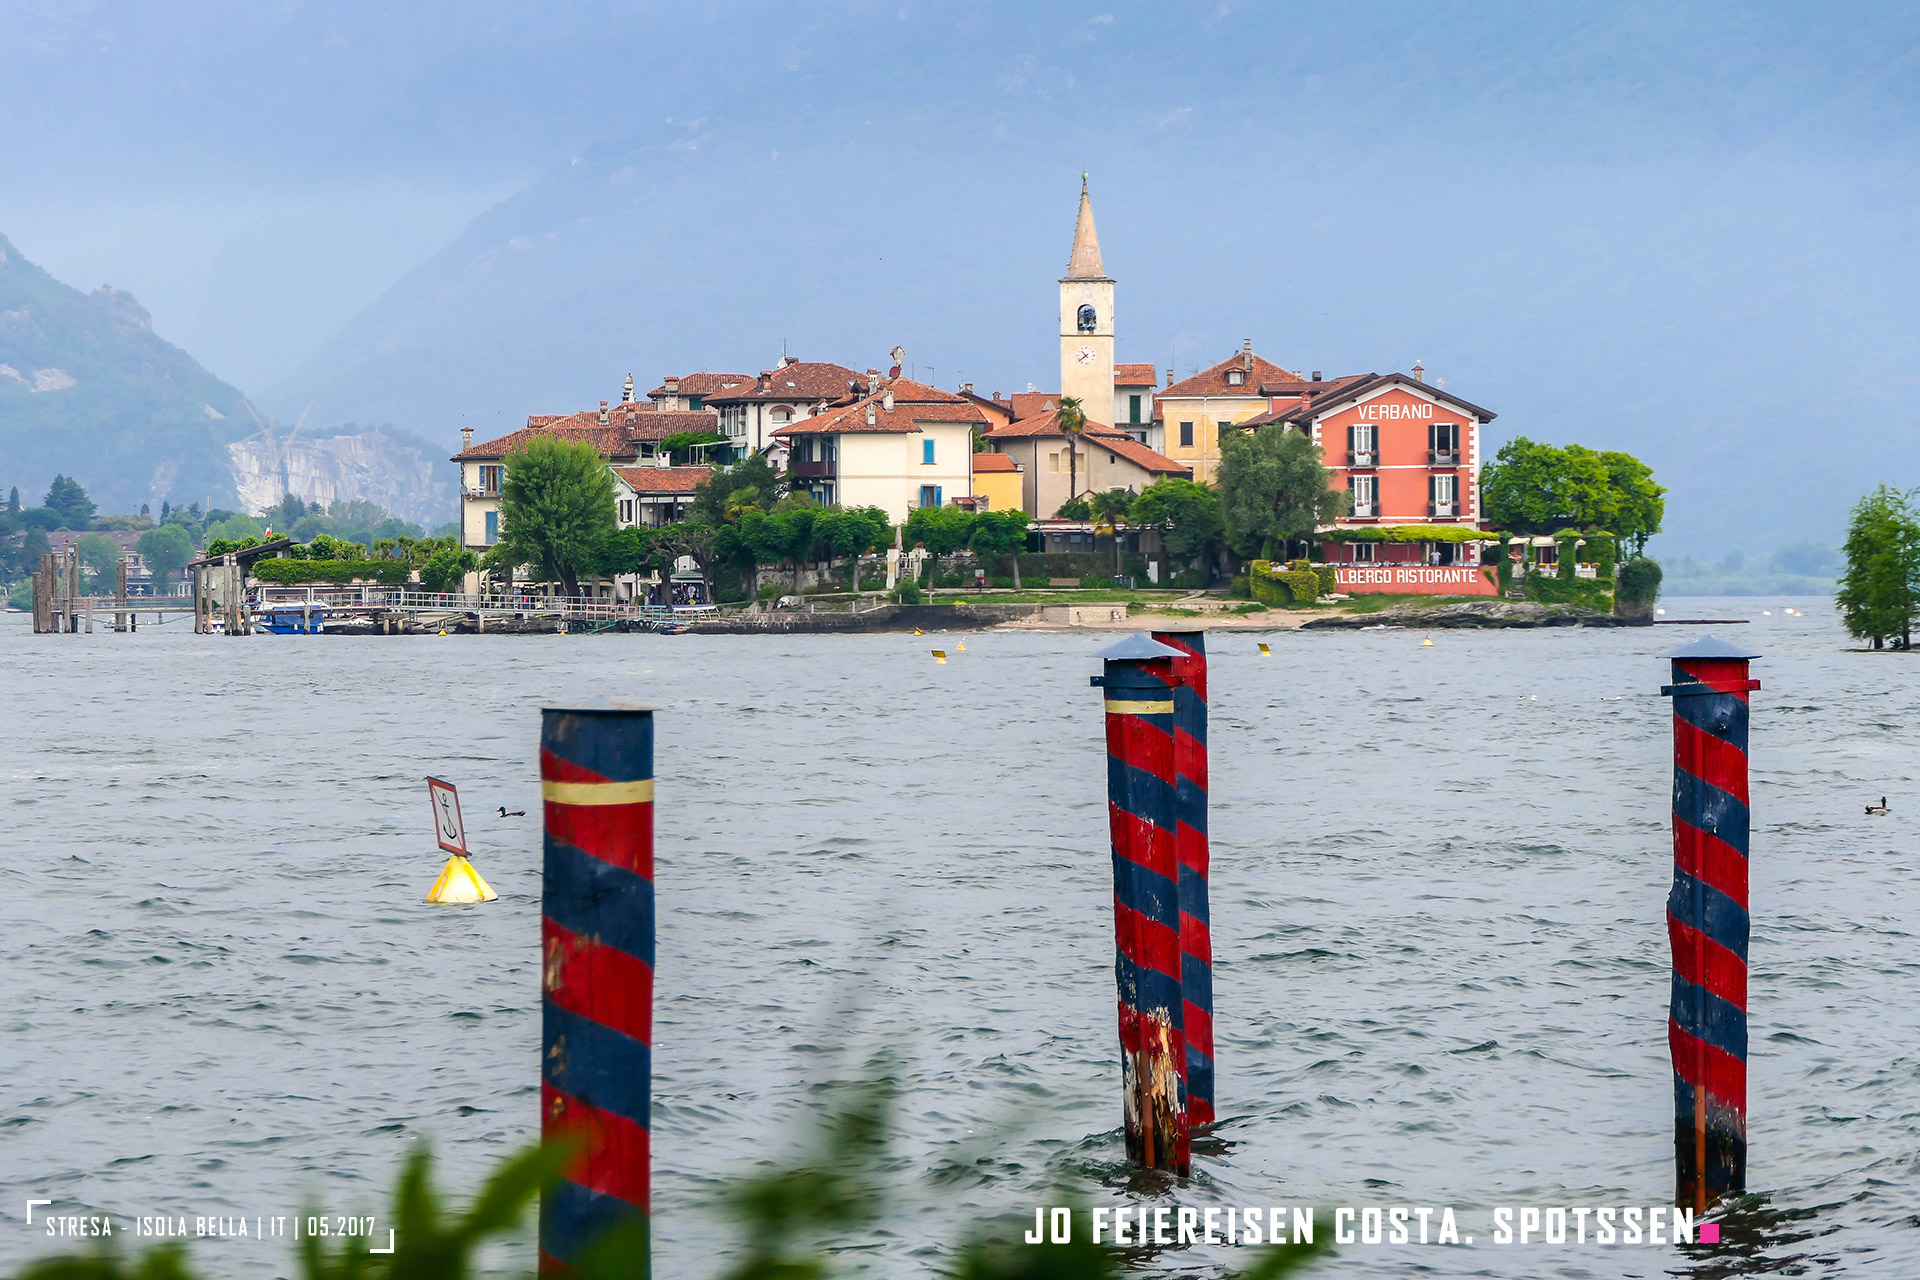 stresa, piémont, italie, lac majeur